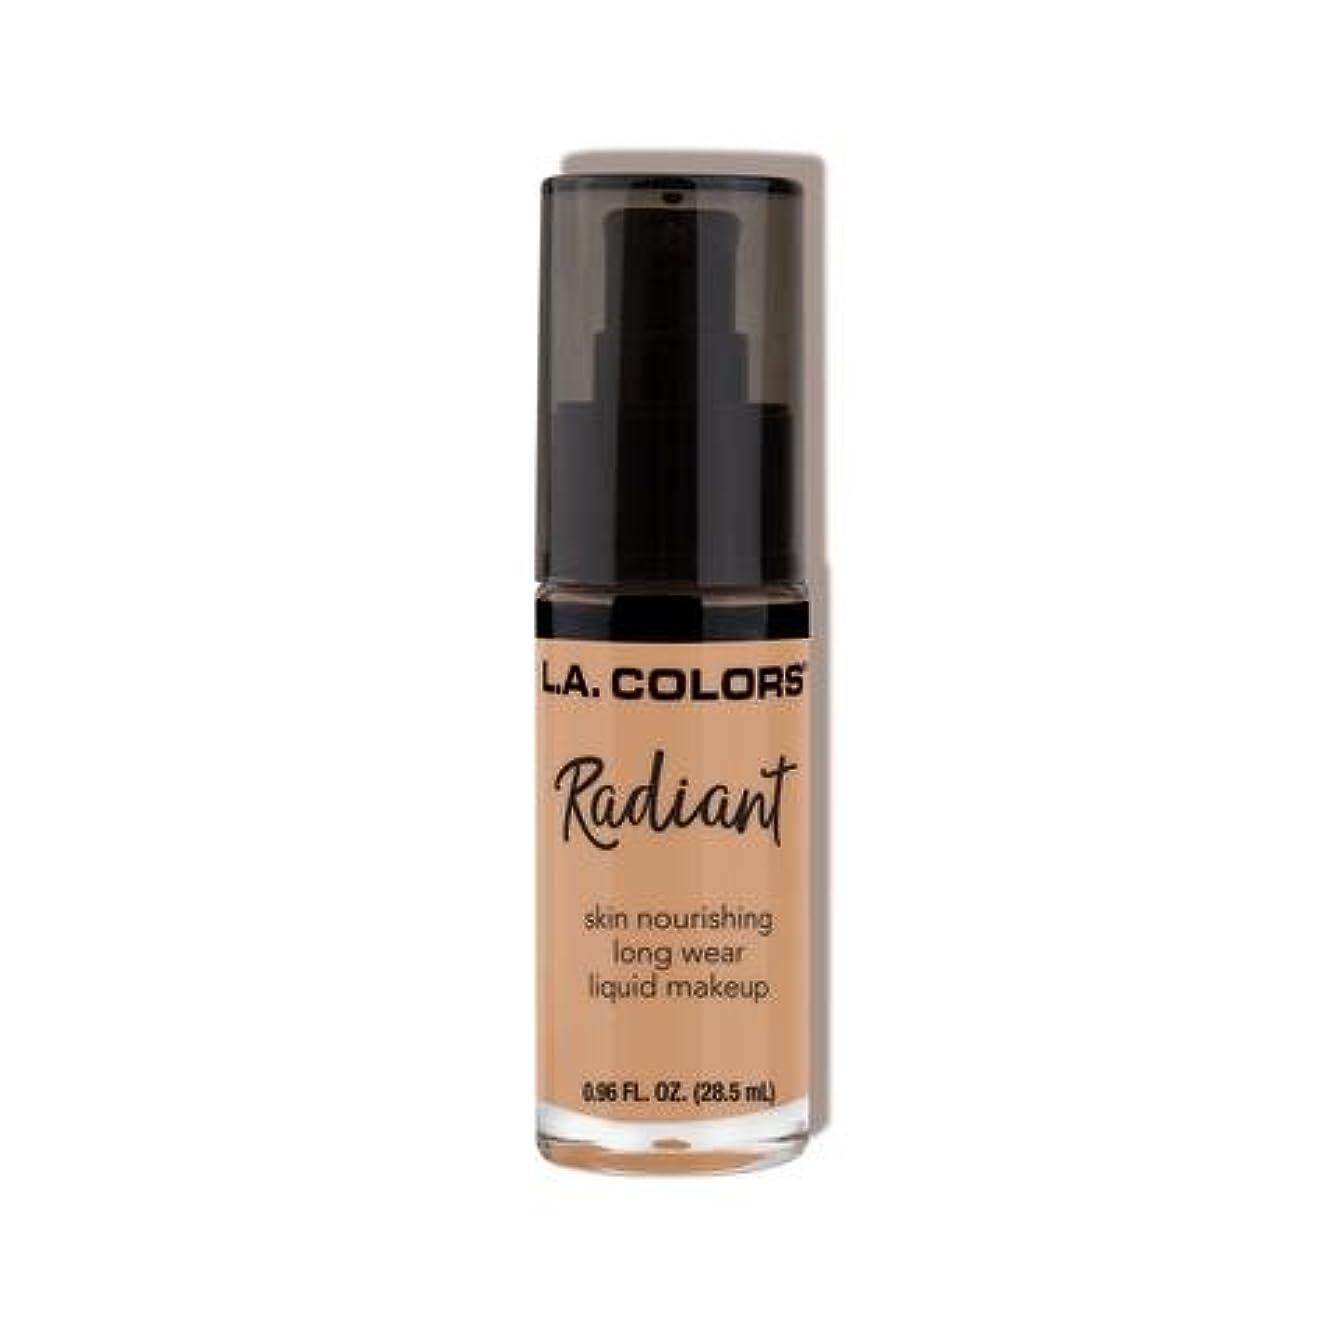 晴れ成長する毛布(3 Pack) L.A. COLORS Radiant Liquid Makeup - Light Tan (並行輸入品)